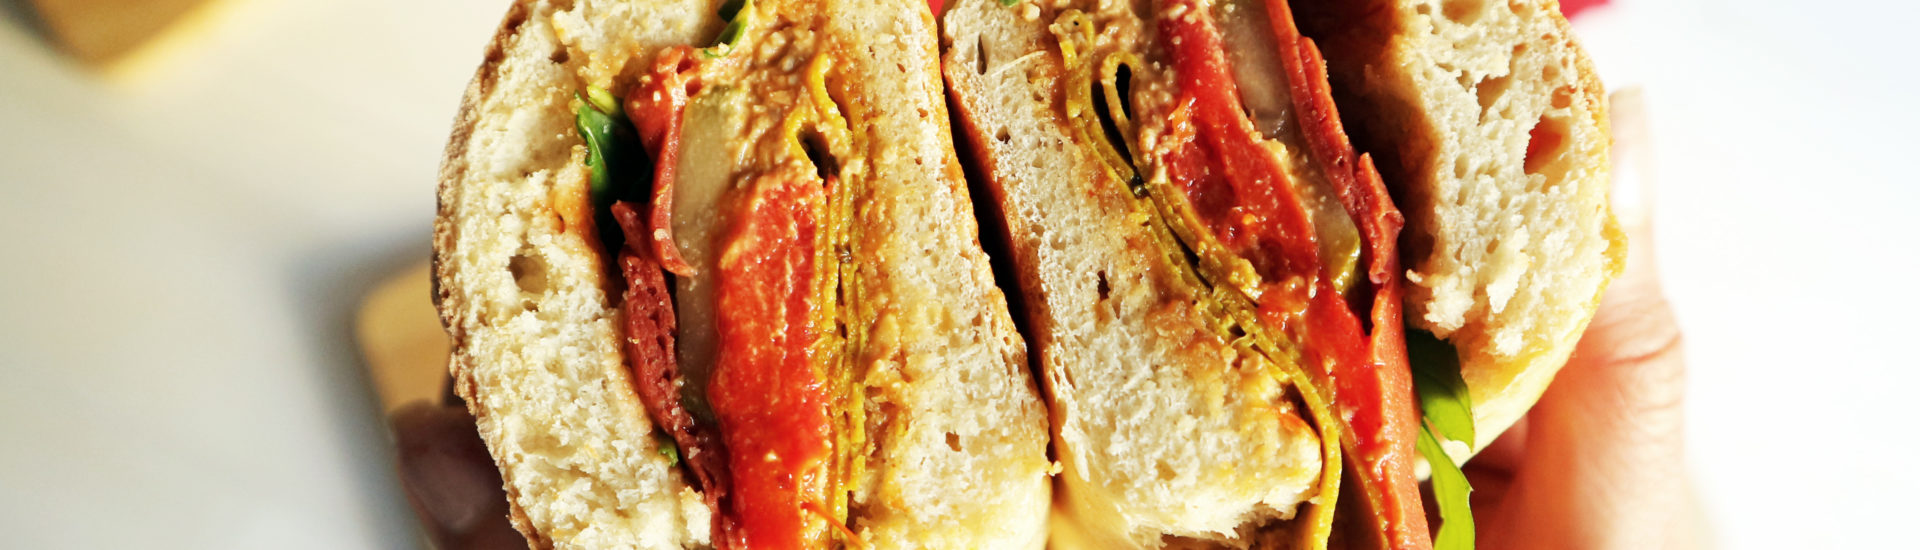 panino vegano ricetta